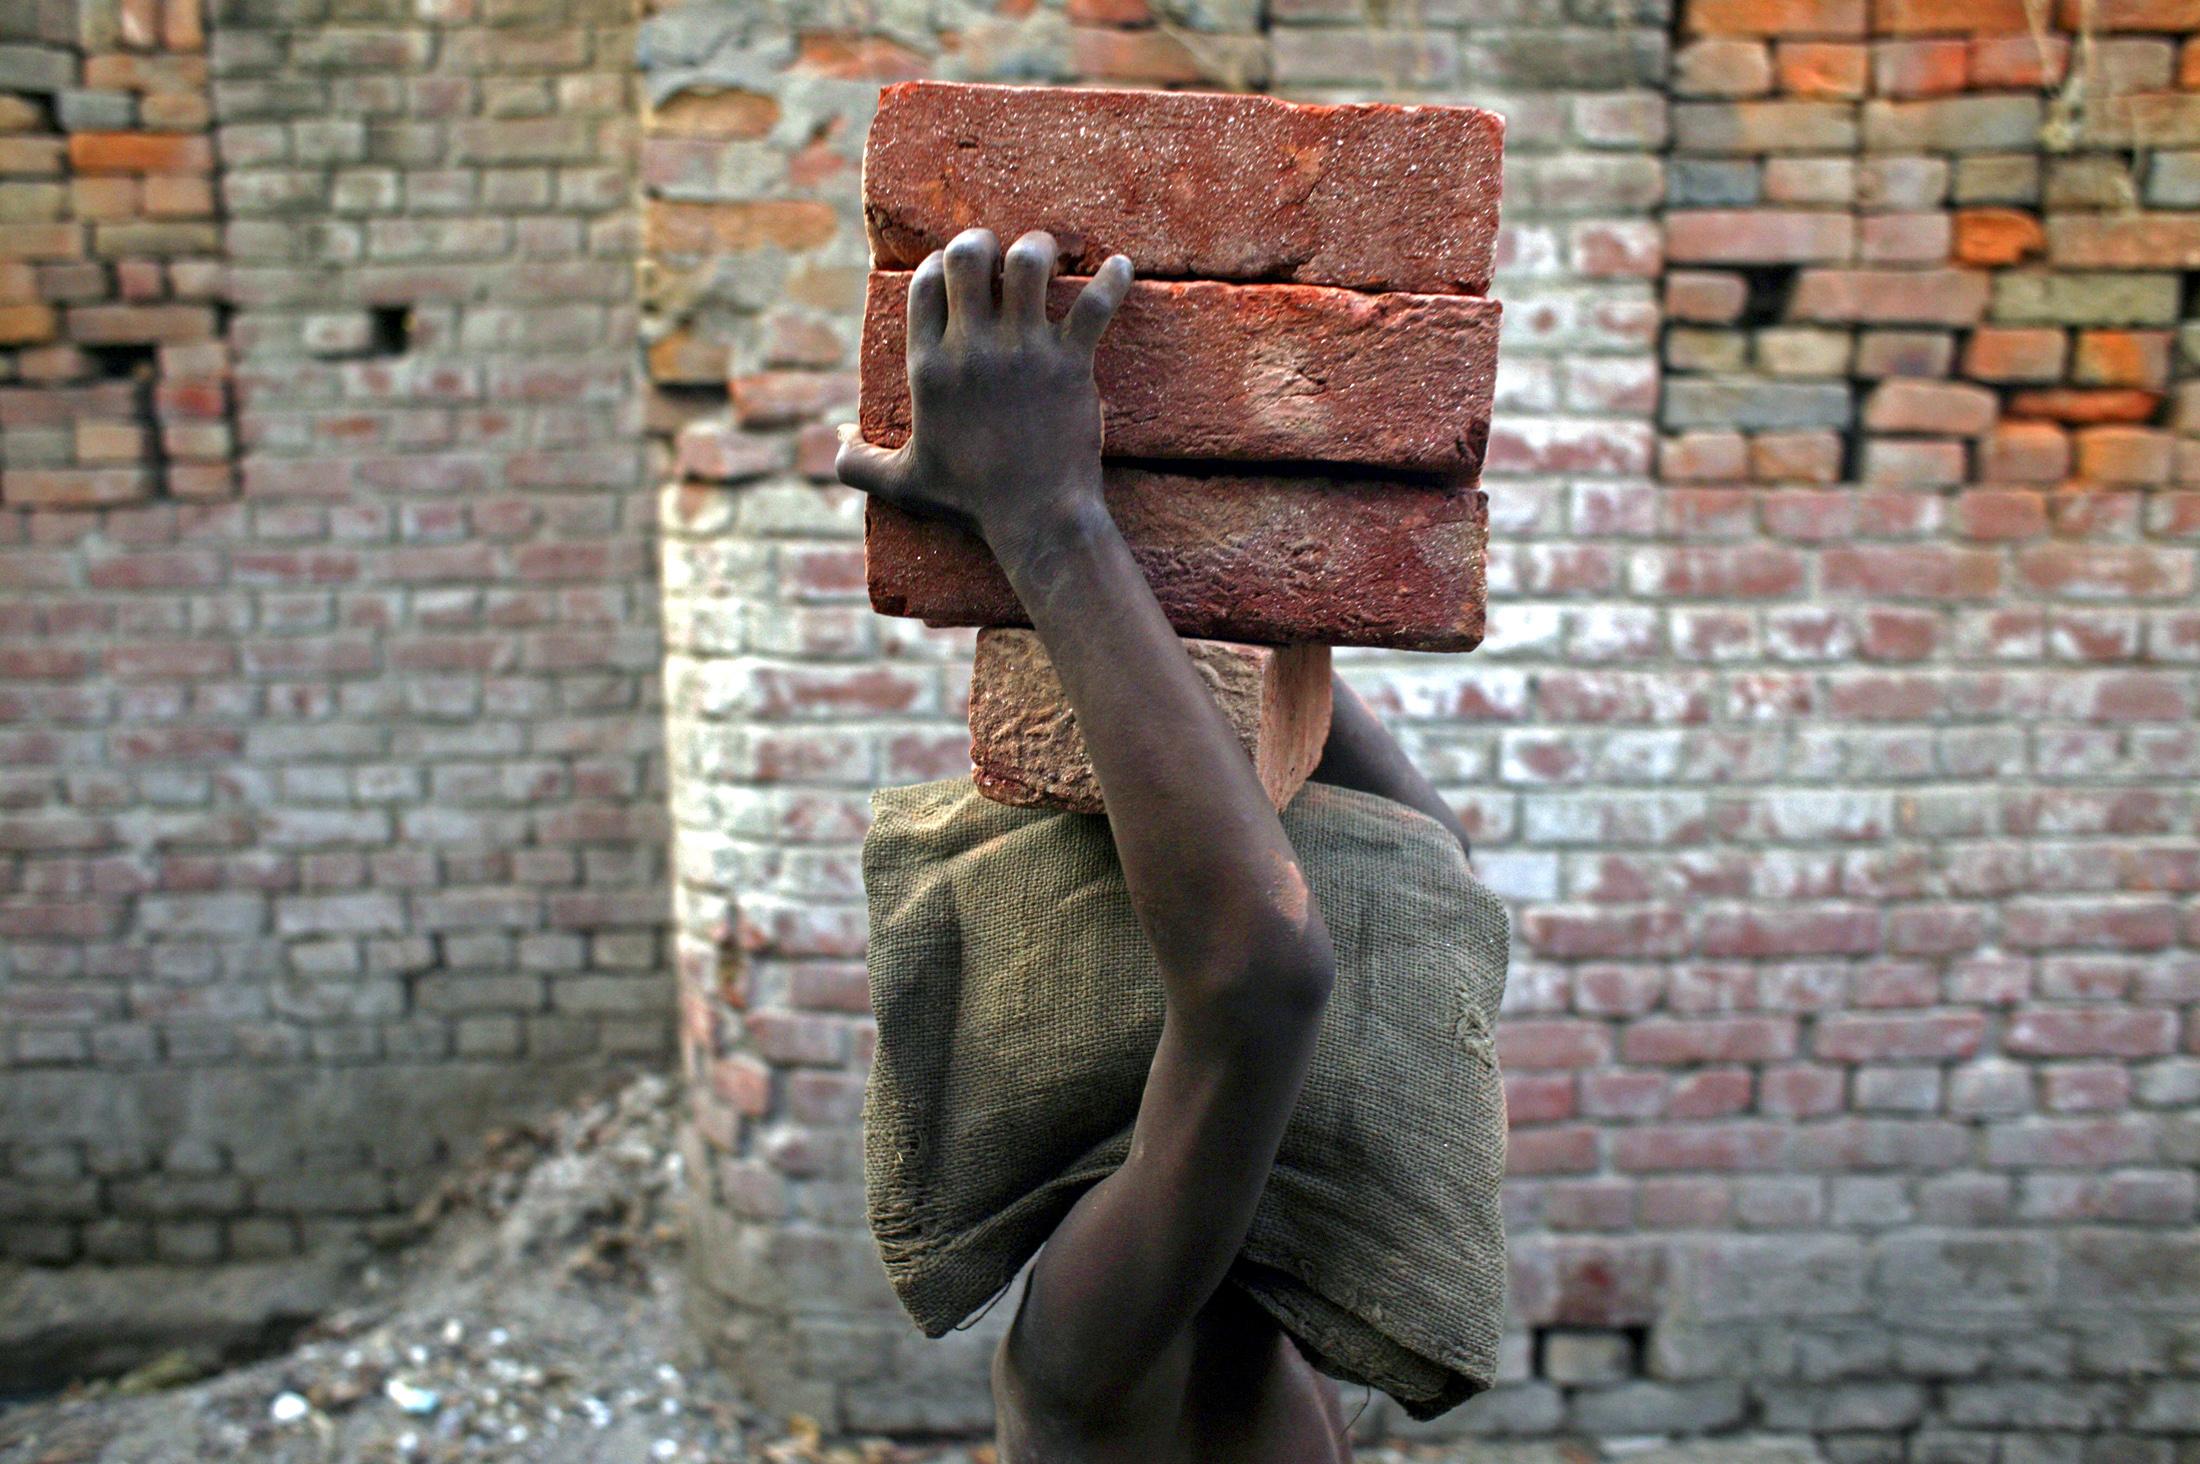 Παιδική Εργασία: Ανέφικτος ο στόχος του ΟΗΕ για εξάλειψη της έως το 2025